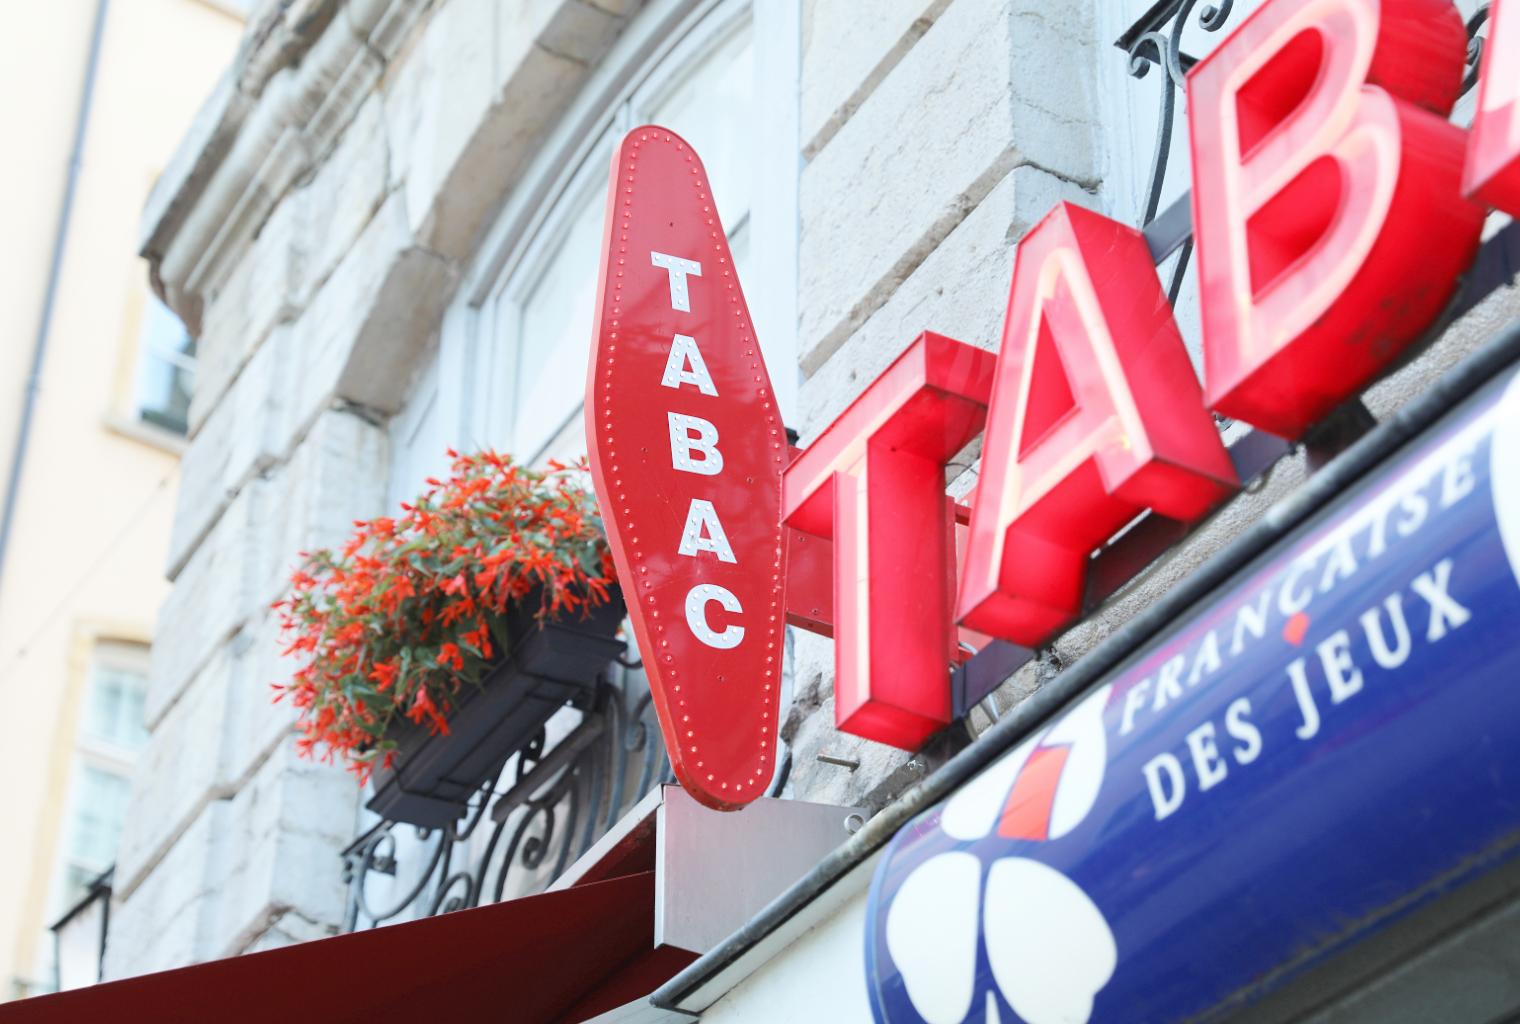 5,200 tiendas de tabaco en Francia ahora venden Bitcoin